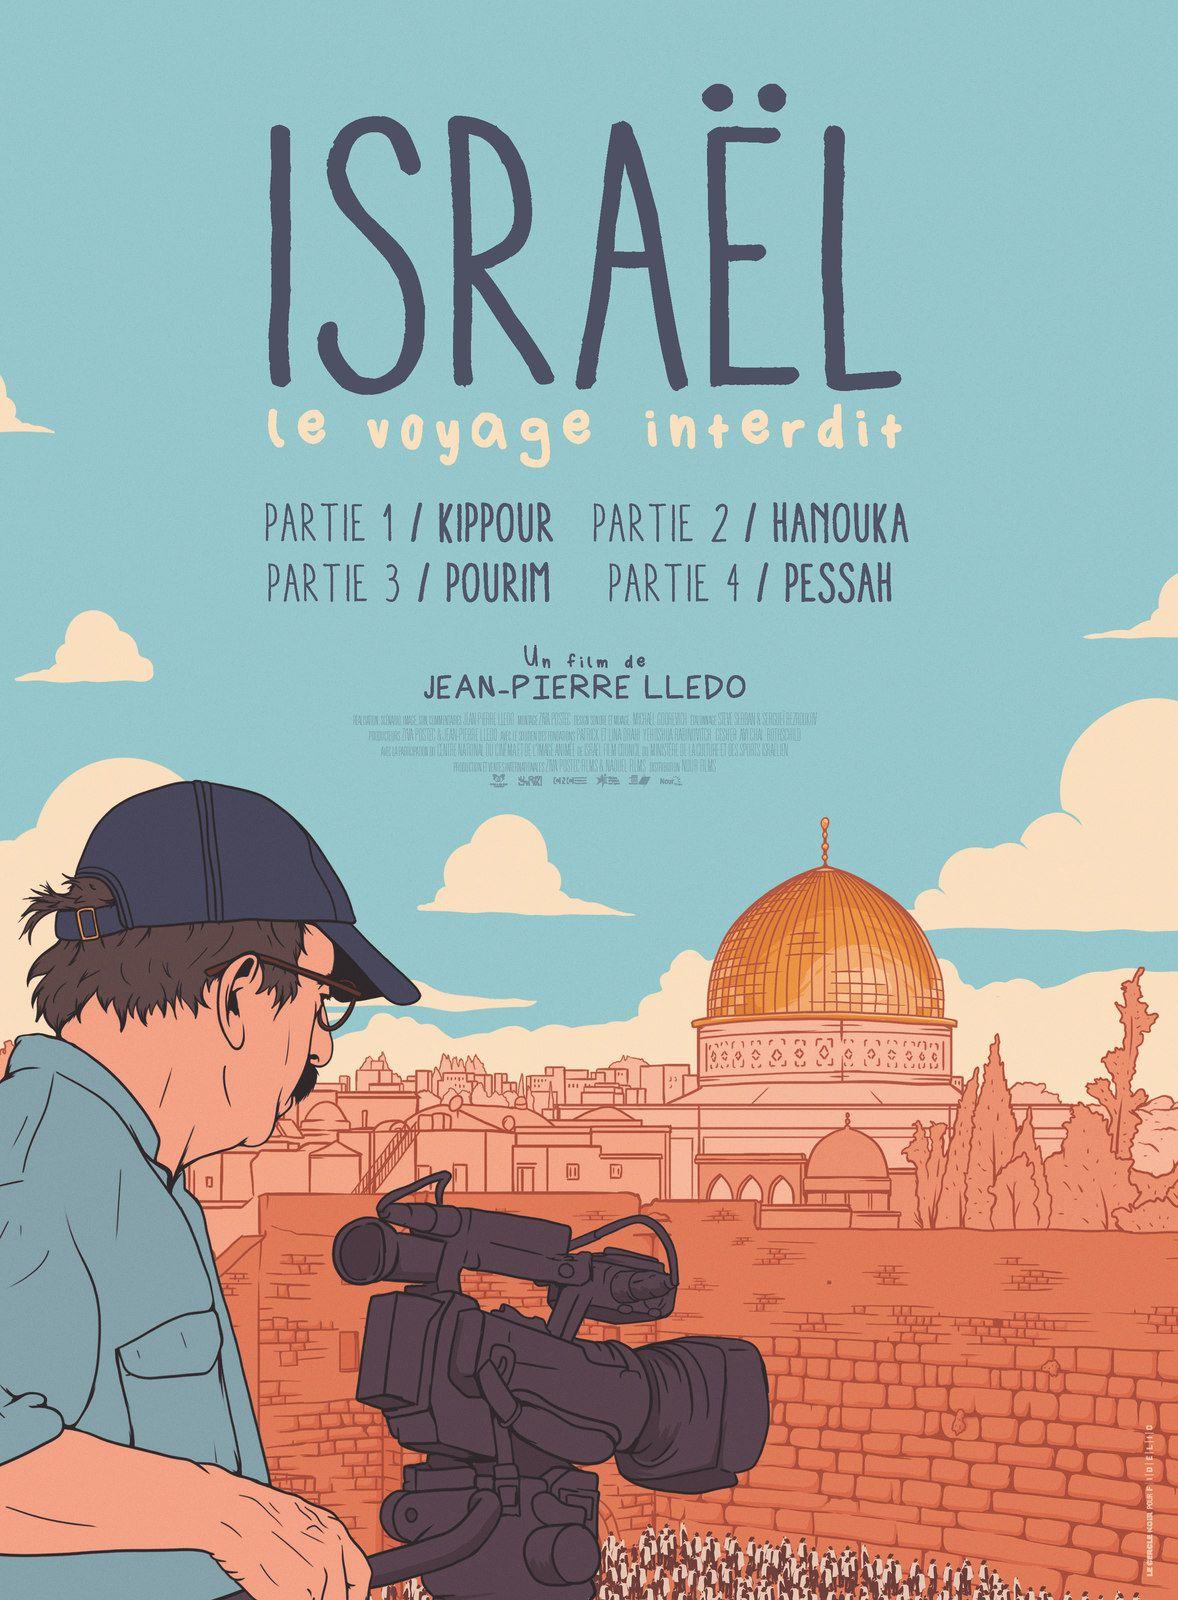 Israël, le voyage interdit - Partie IV : Pessah (BANDE-ANNONCE) Le 28 octobre 2020 au cinéma